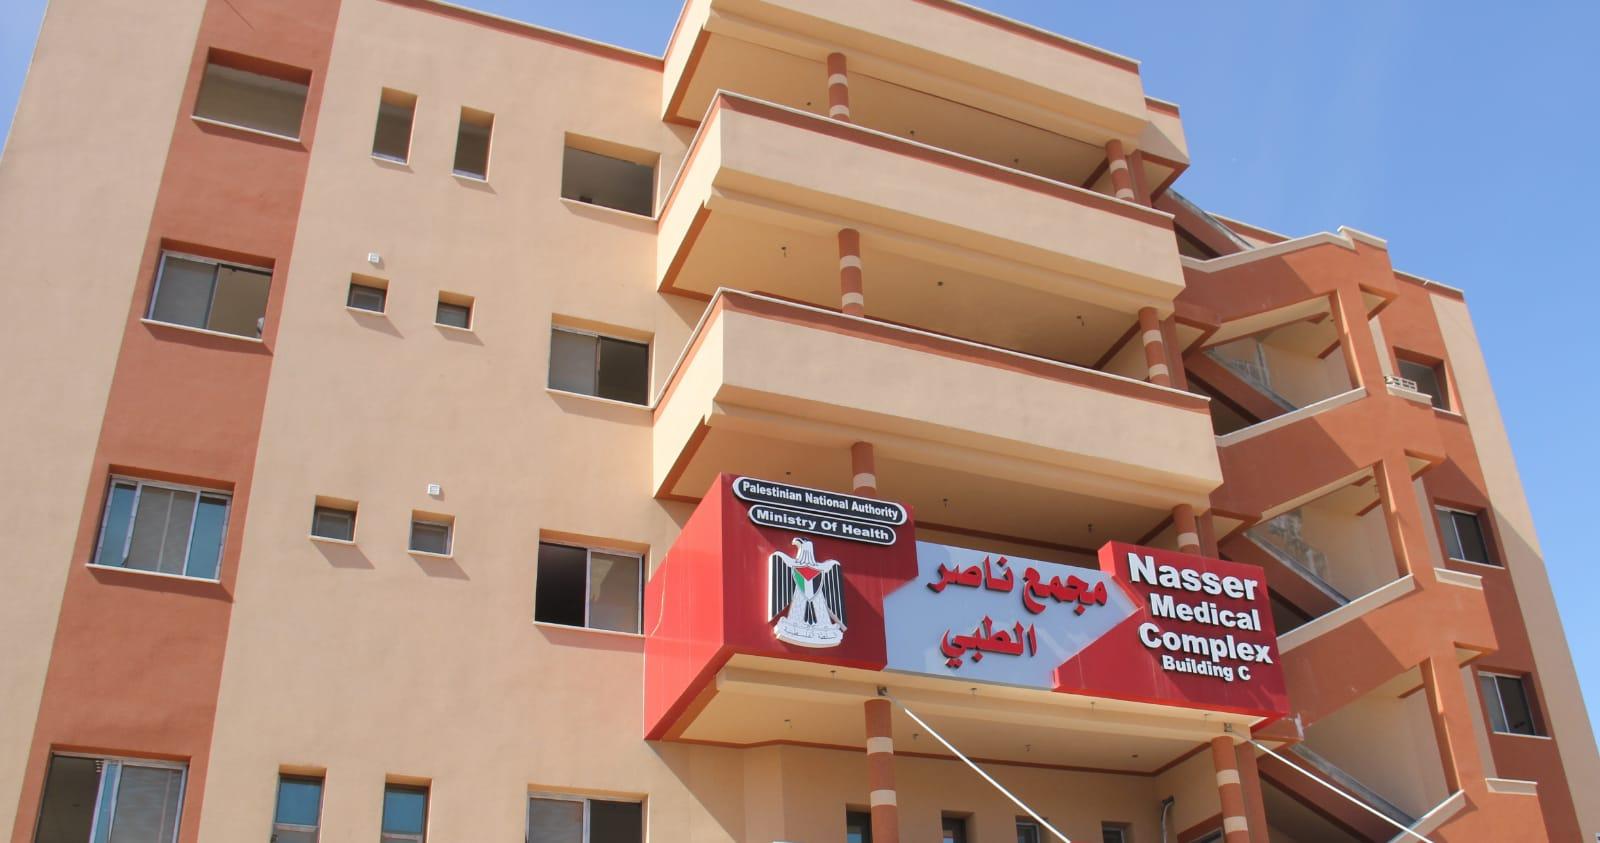 *الصحة: عام 2019 شهد تطوير التعقيم المركزي في مجمع ناصر الطبي*